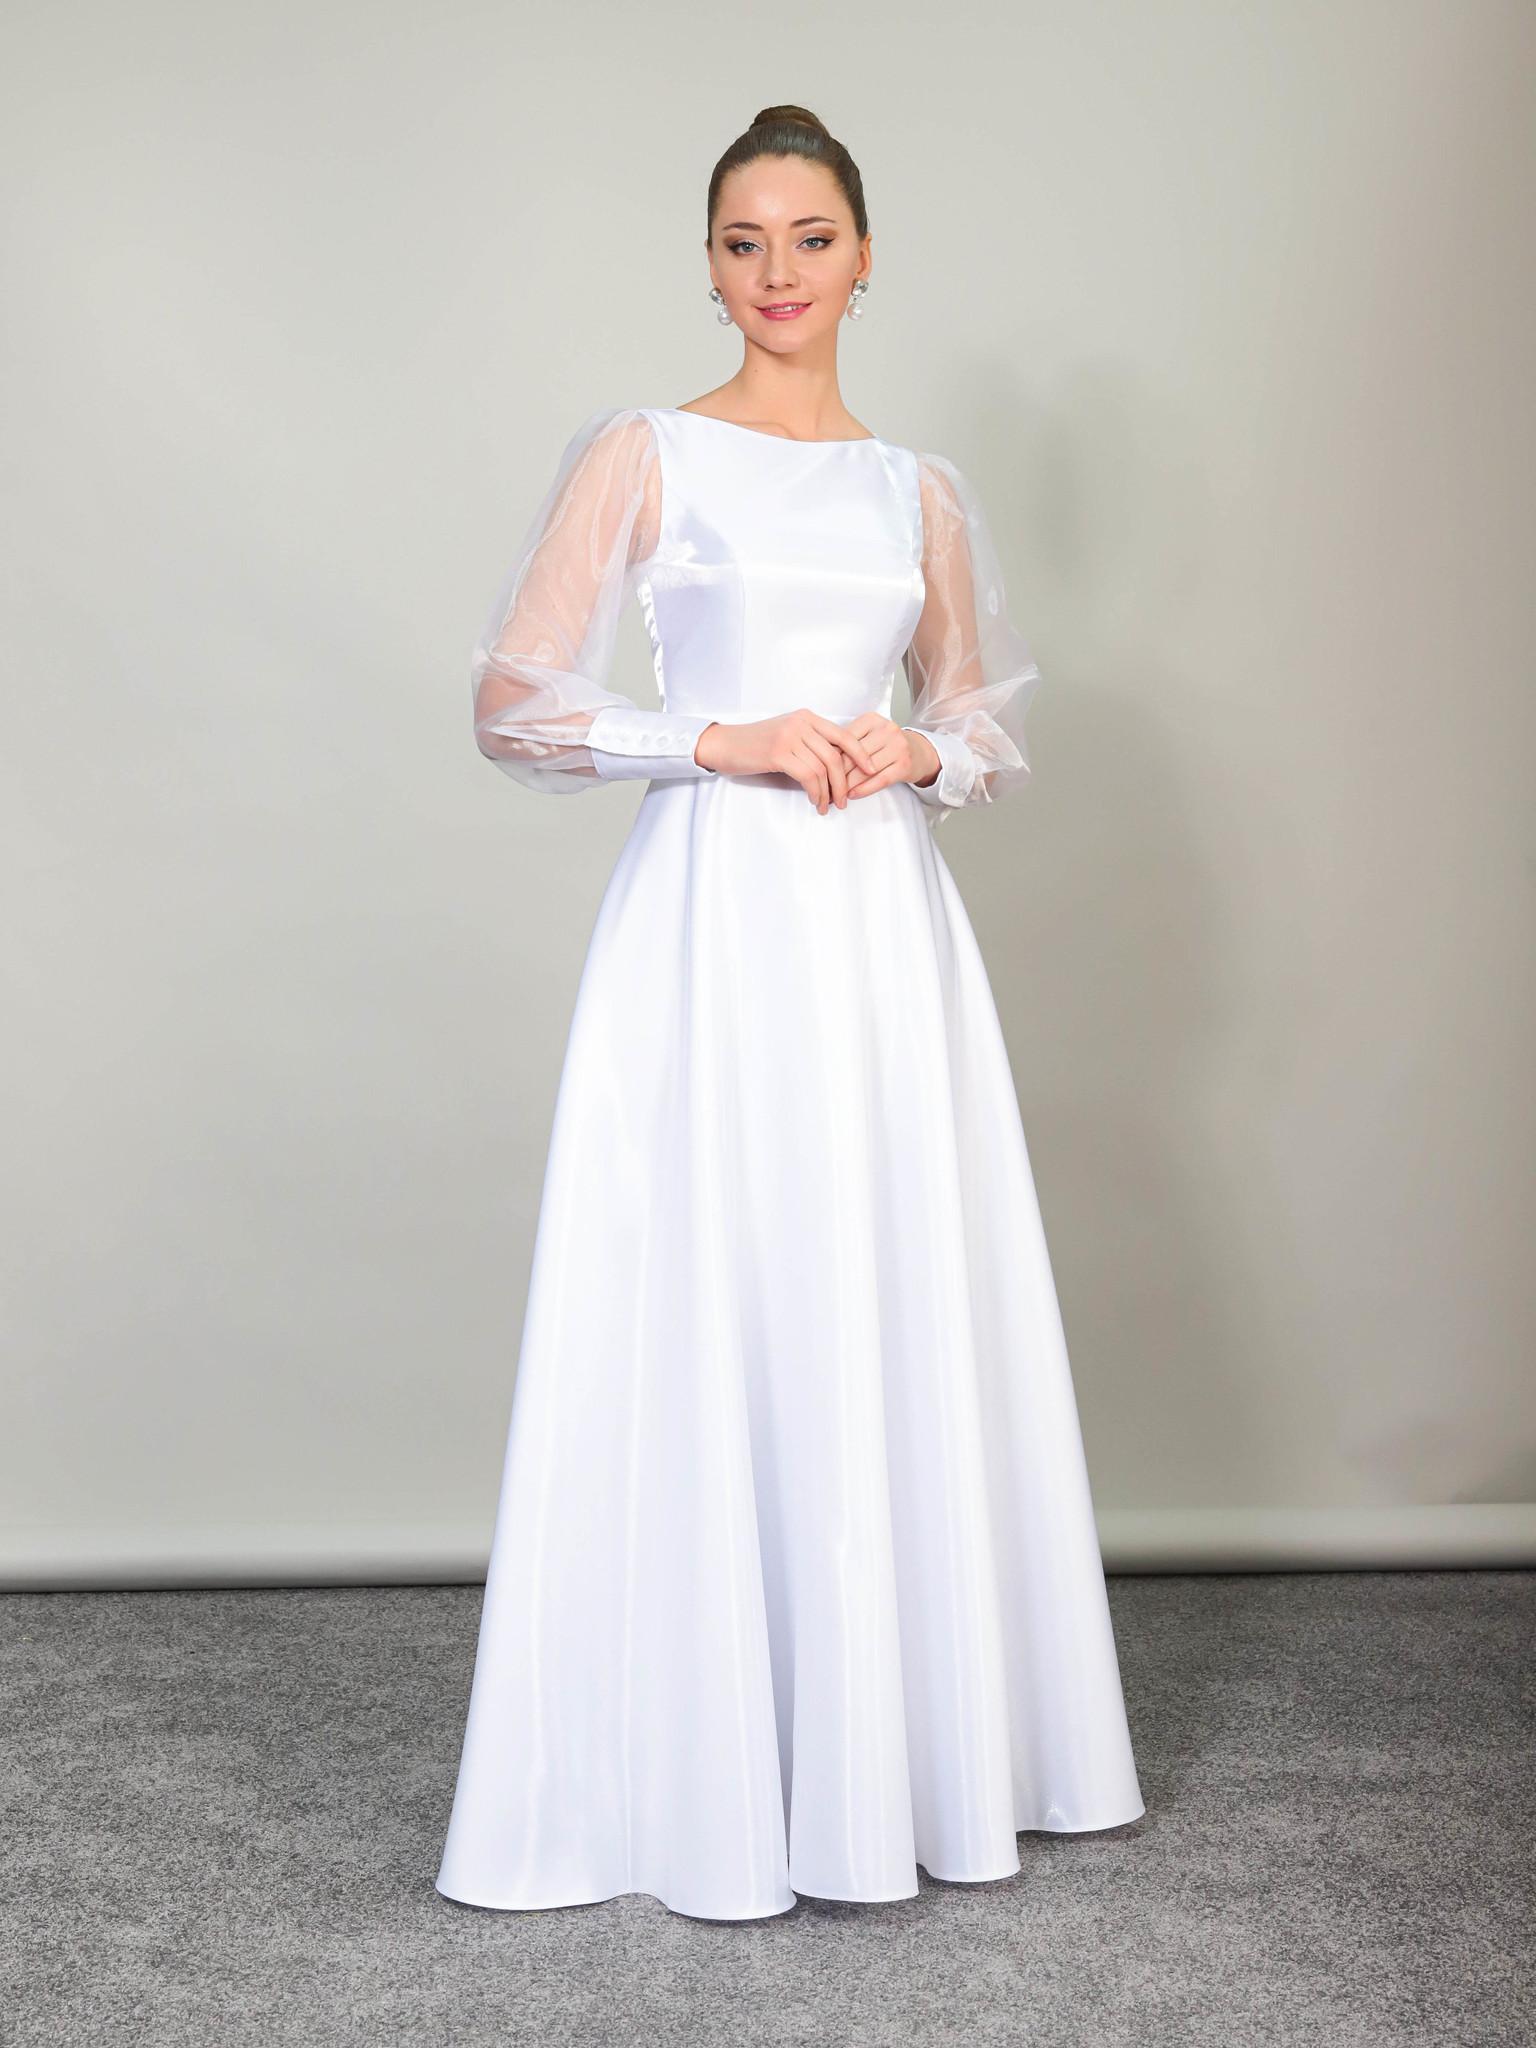 Свадебное платье Классика с манжетами на рукавах (белый)